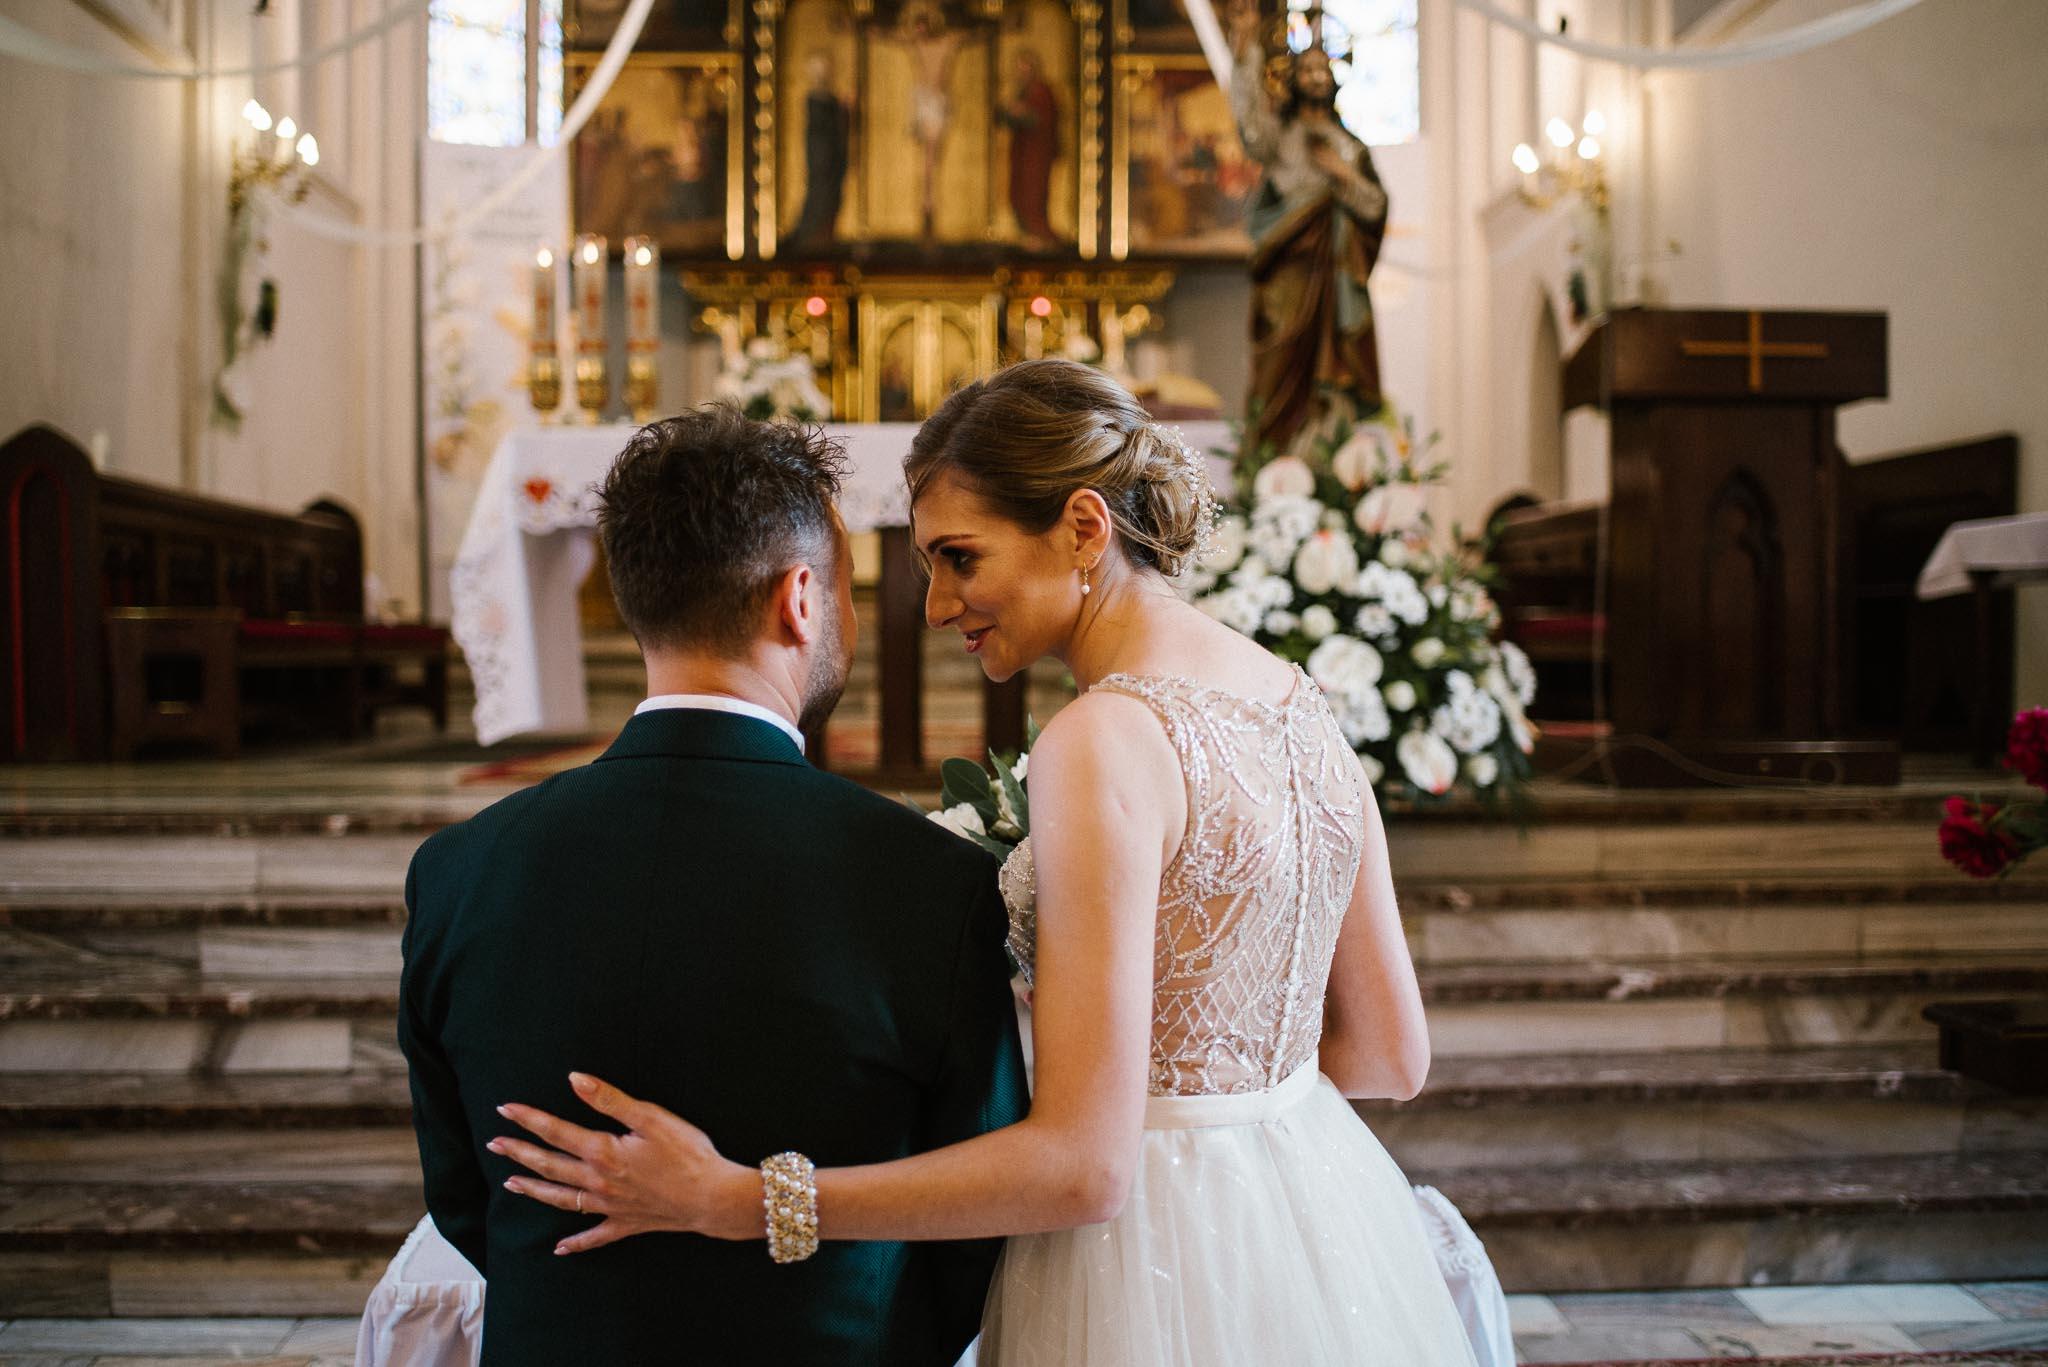 Żona szepcze na ucho do męża -  ślub w Stodole Bojanowo